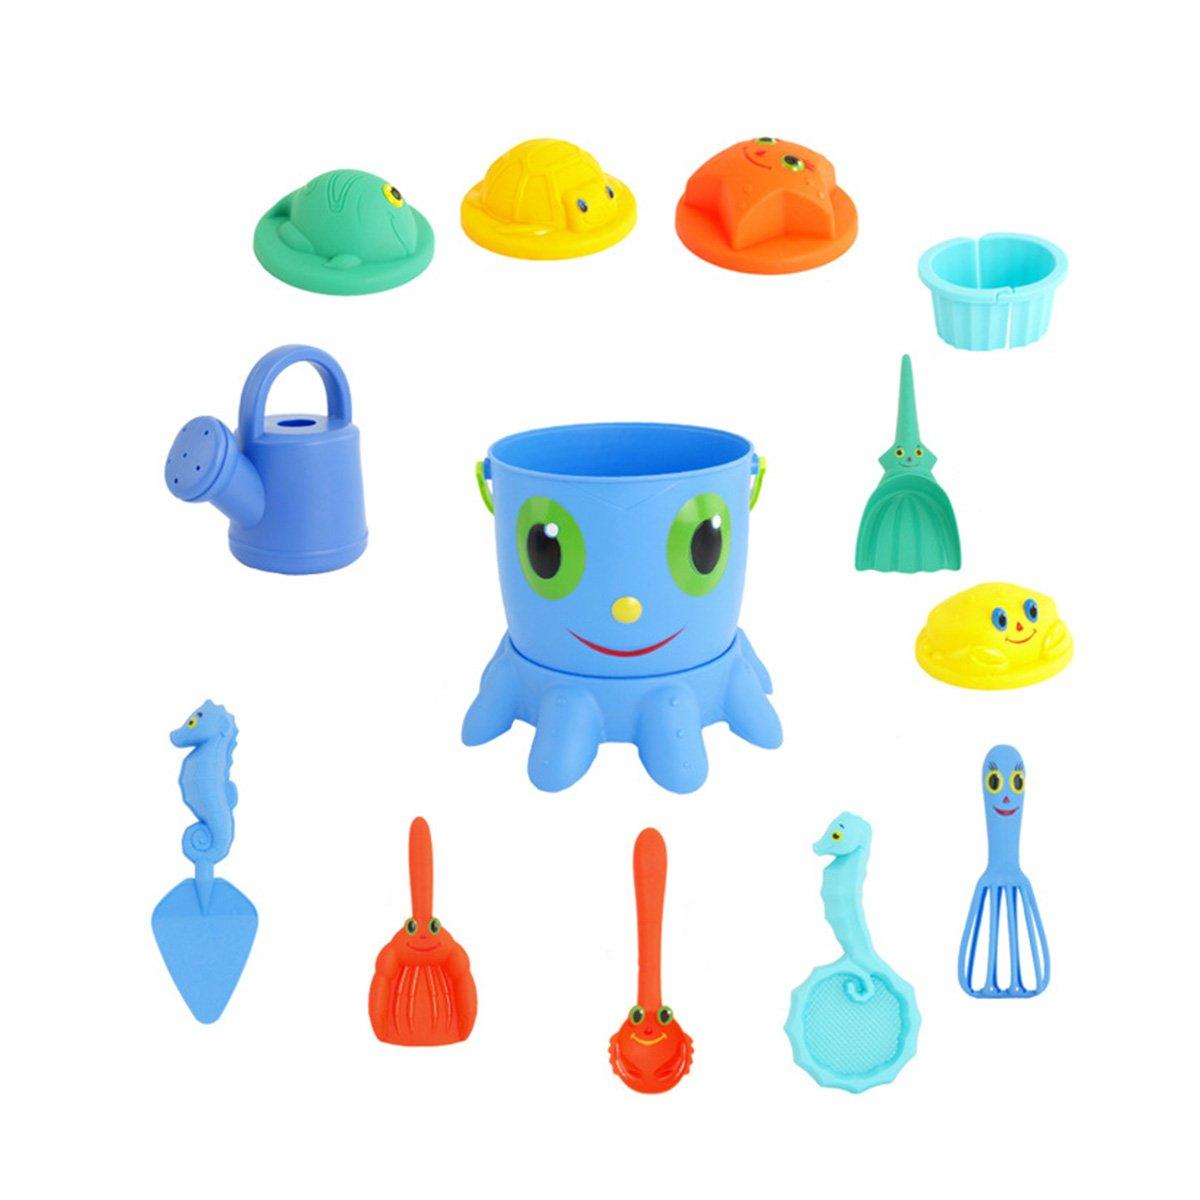 Toyvian 14pcs Juguete de Playa Juguete de Cubo de Pulpo con Pala rastrillo Cubo tamiz Animal moldes regadera